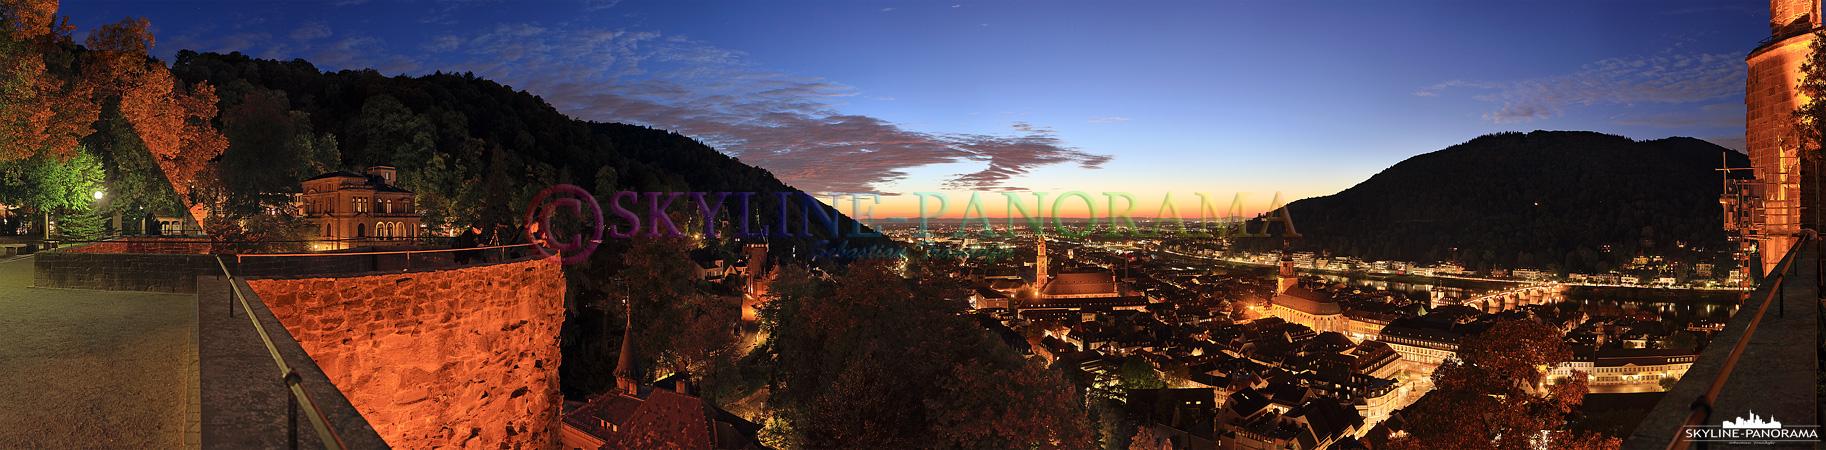 Bilder Heidelberg – Das Panorama von der Schlossmauer aus auf die abendlich beleuchtete Altstadt von Heidelberg im Herbst 2015.